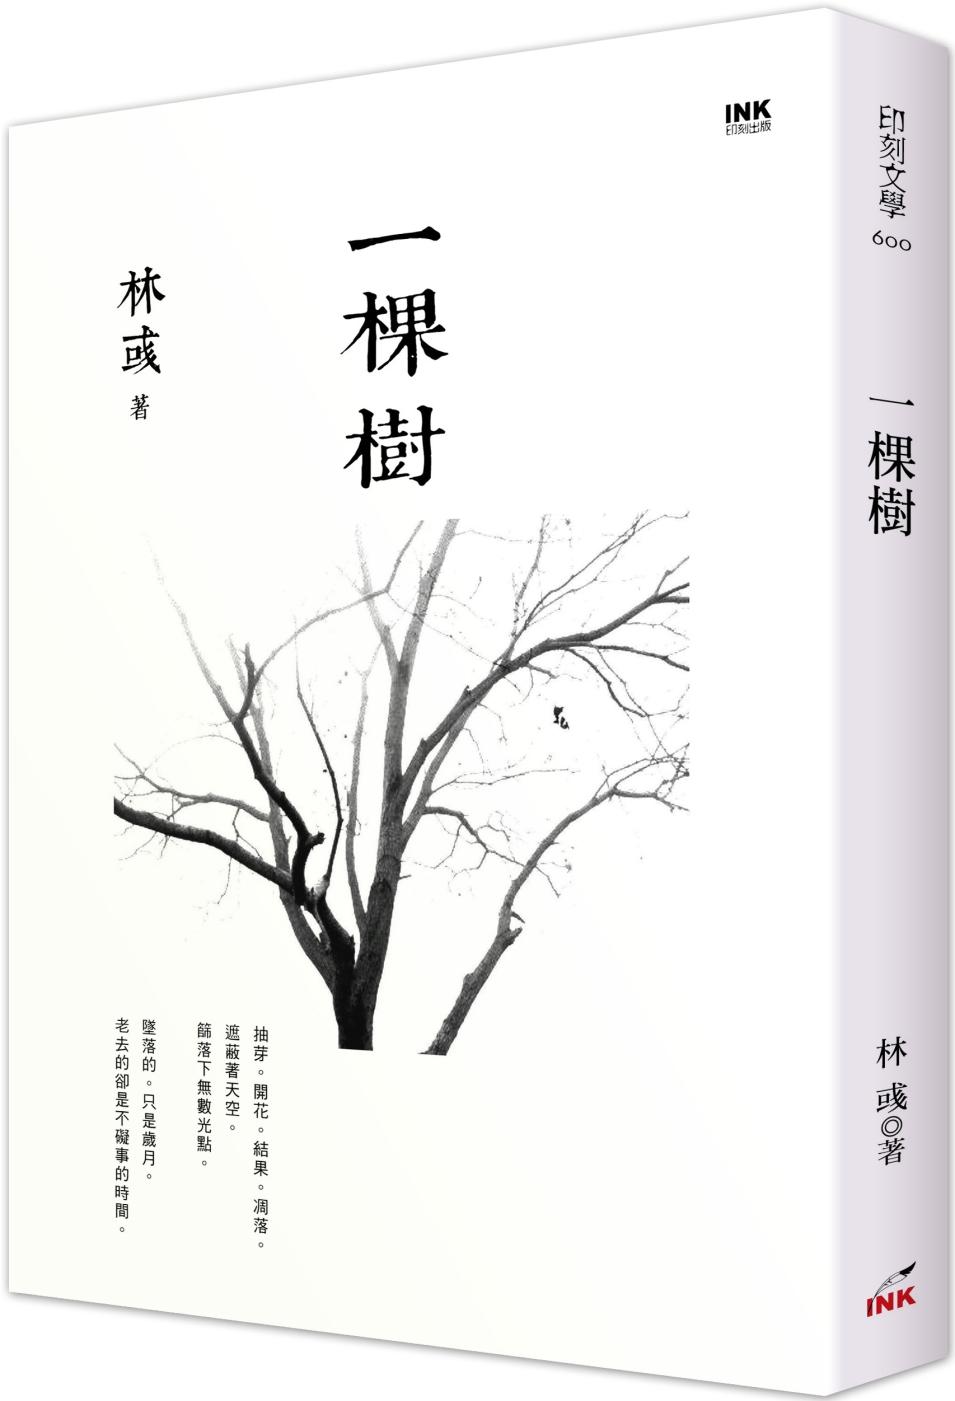 一棵樹(簽名版)